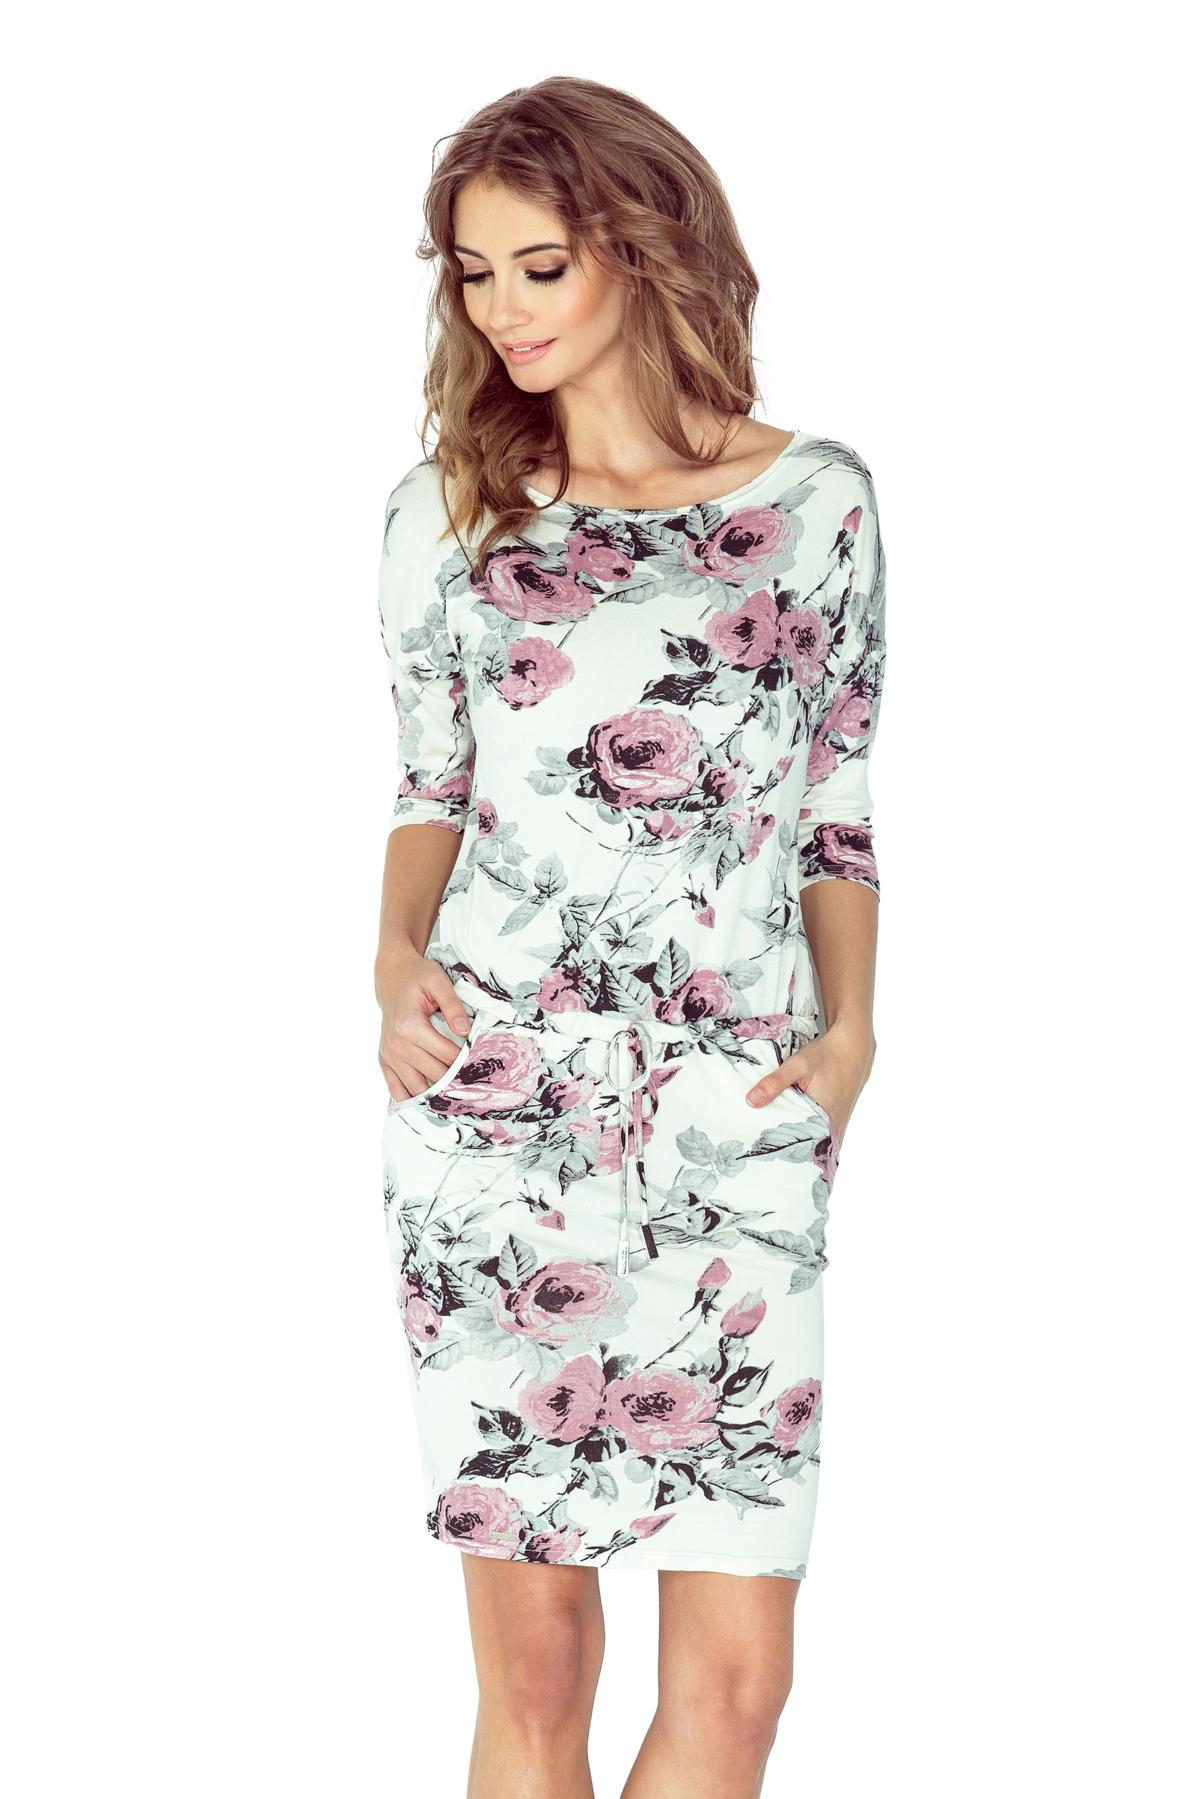 numoco Dámské sportovní šaty netopýří střih s kapsami na zavazování  květované růžové. 1 282280d036